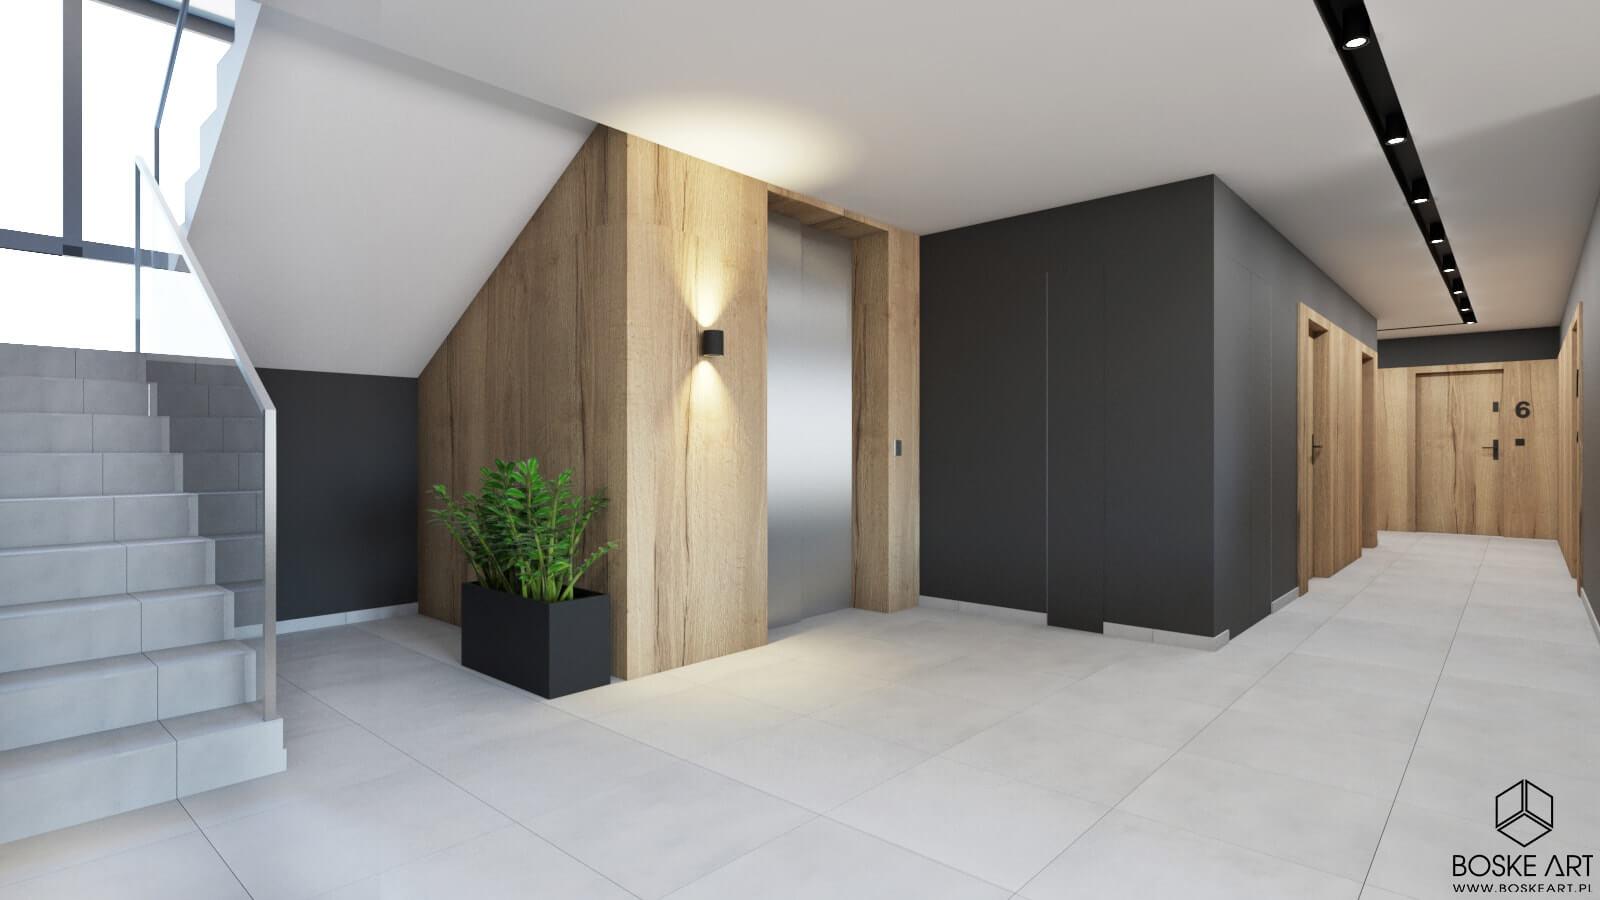 5_apartamenty_poznan_boske_art_strefa_wejsciowa_projektowanie_wnetrz_architektura_natalia_robaszkiewicz-min